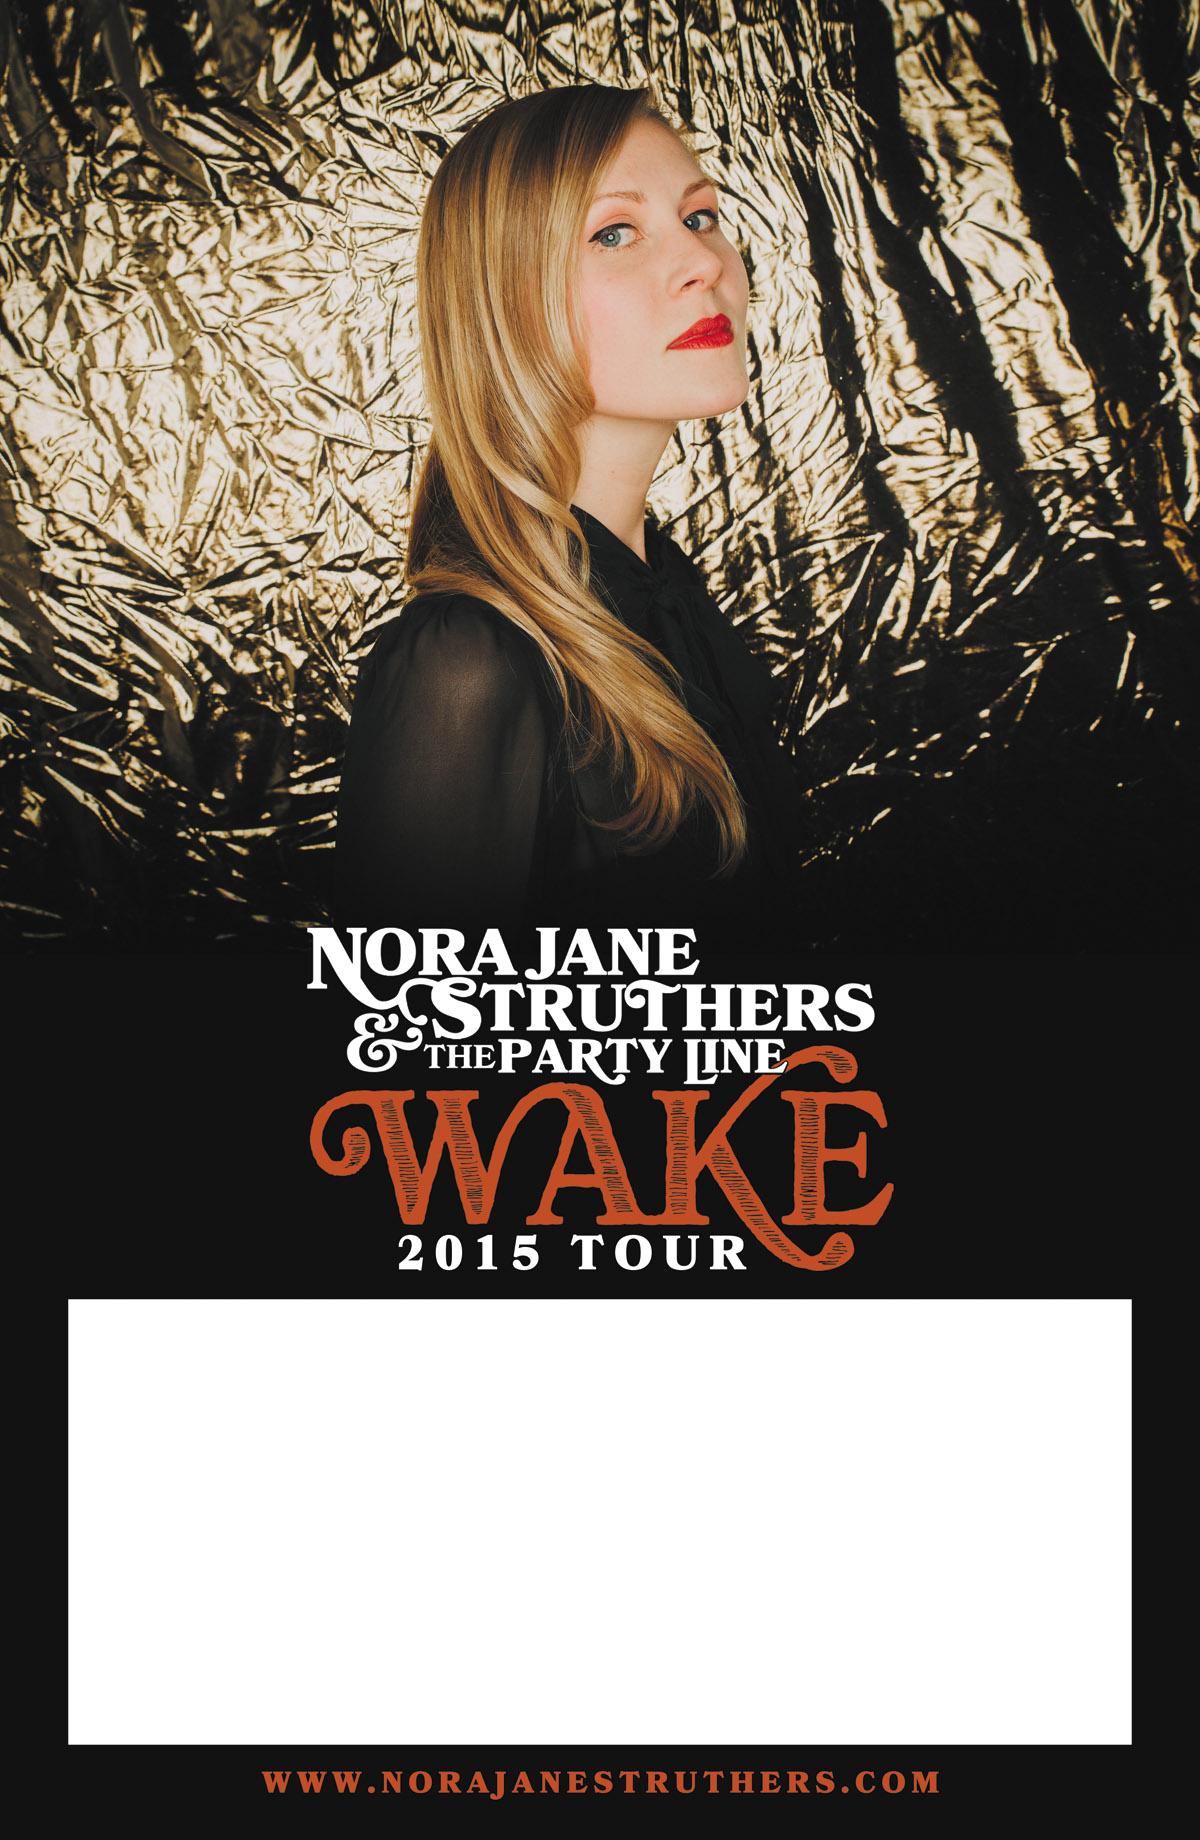 Wake tour poster